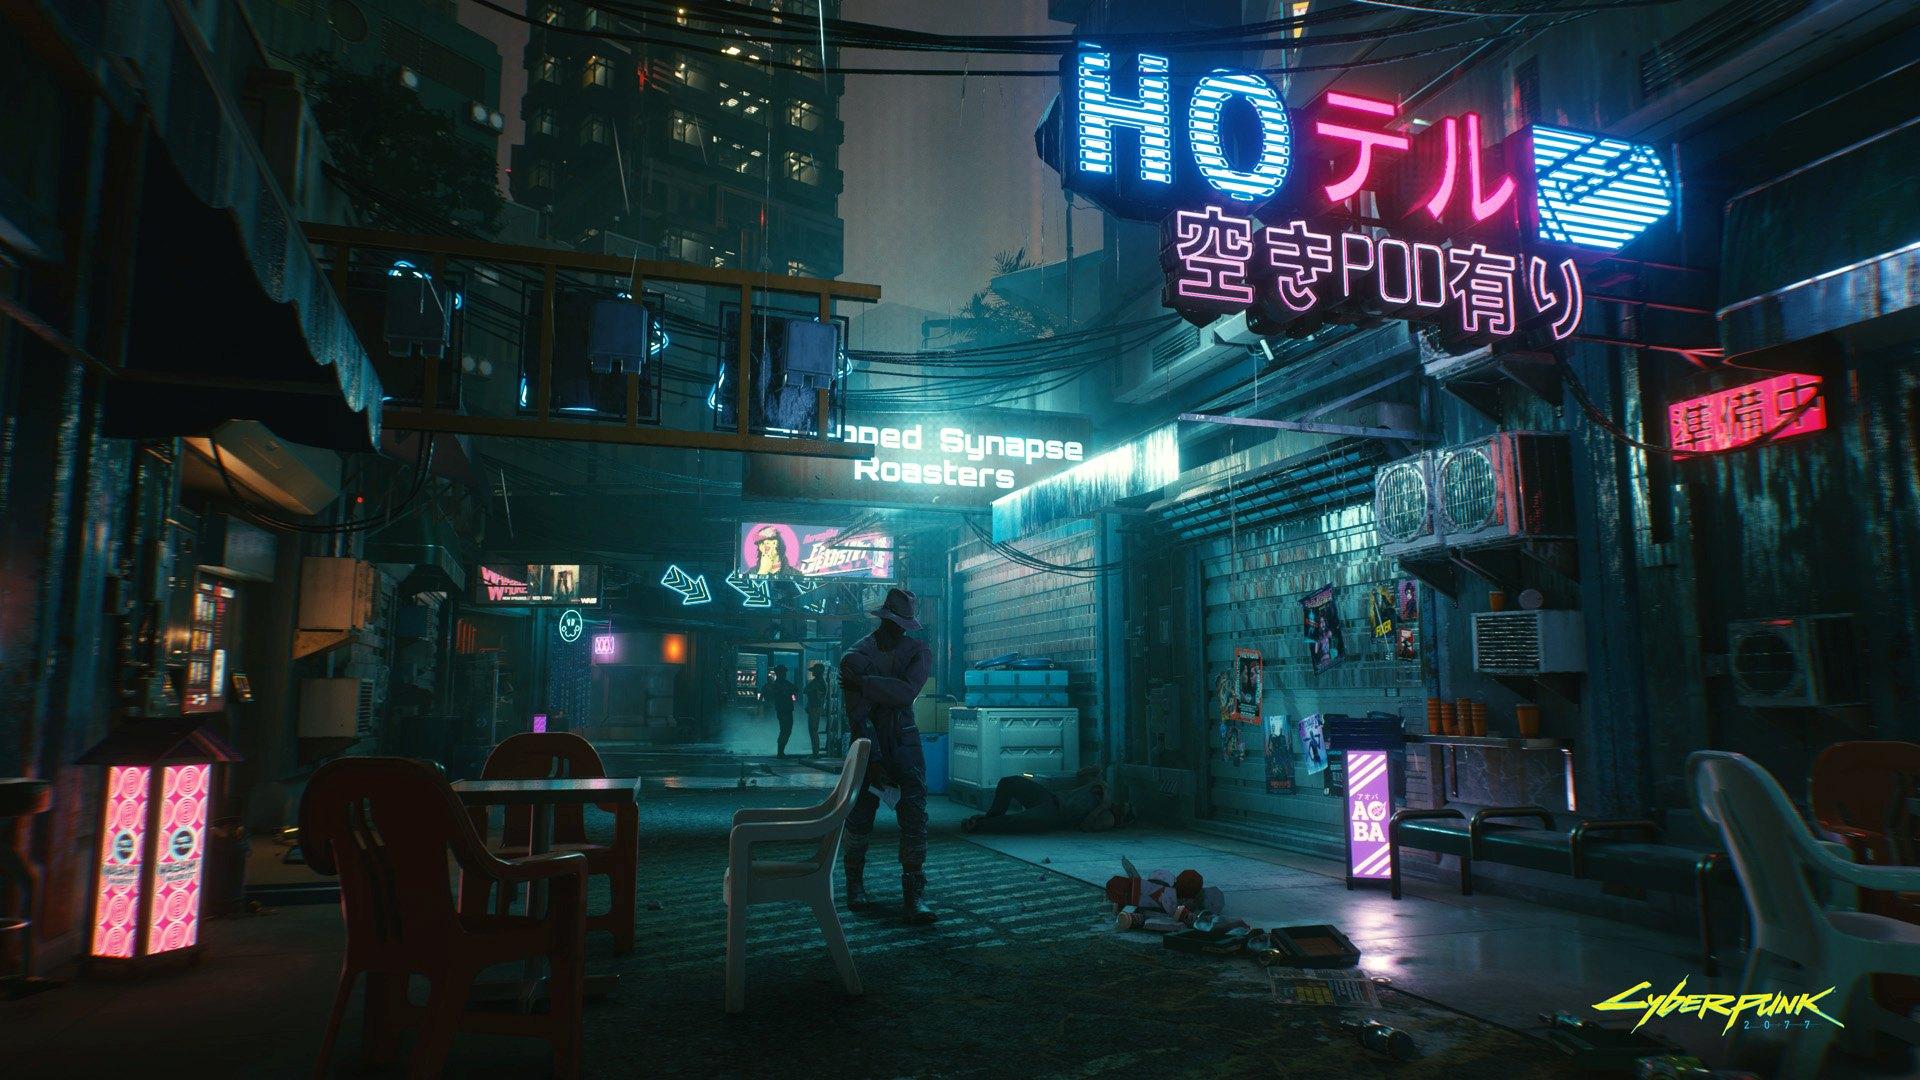 Cyberpunk2077_Blood_in_the_rain_RGB-en.jpg